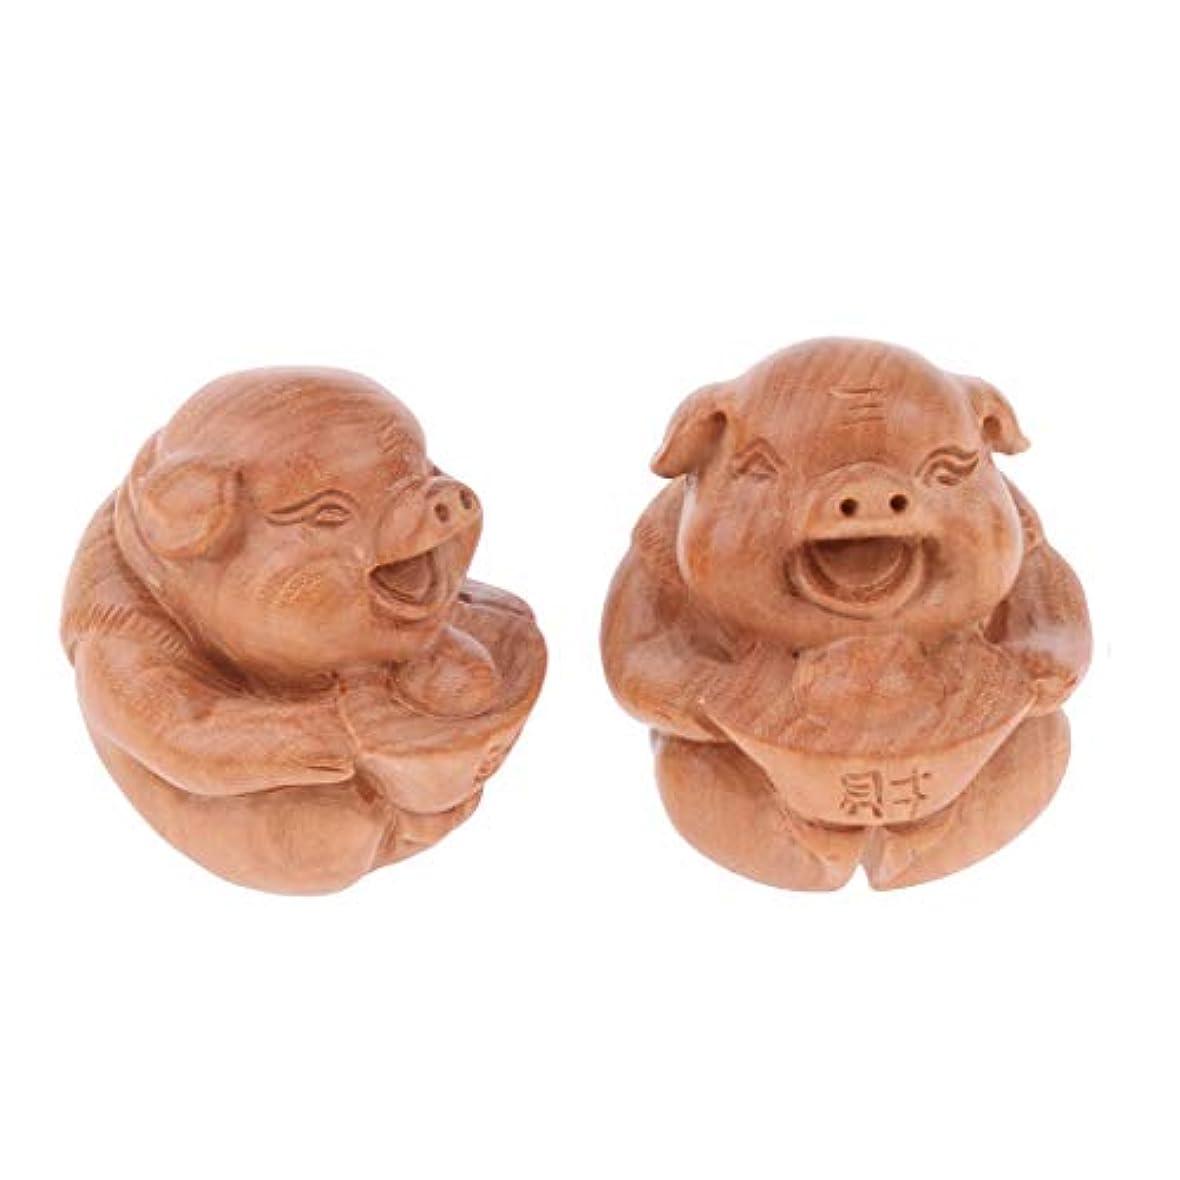 啓示吸収挑むマッサージボール 指エクササイズ 1ペア 木製 可愛い 豚